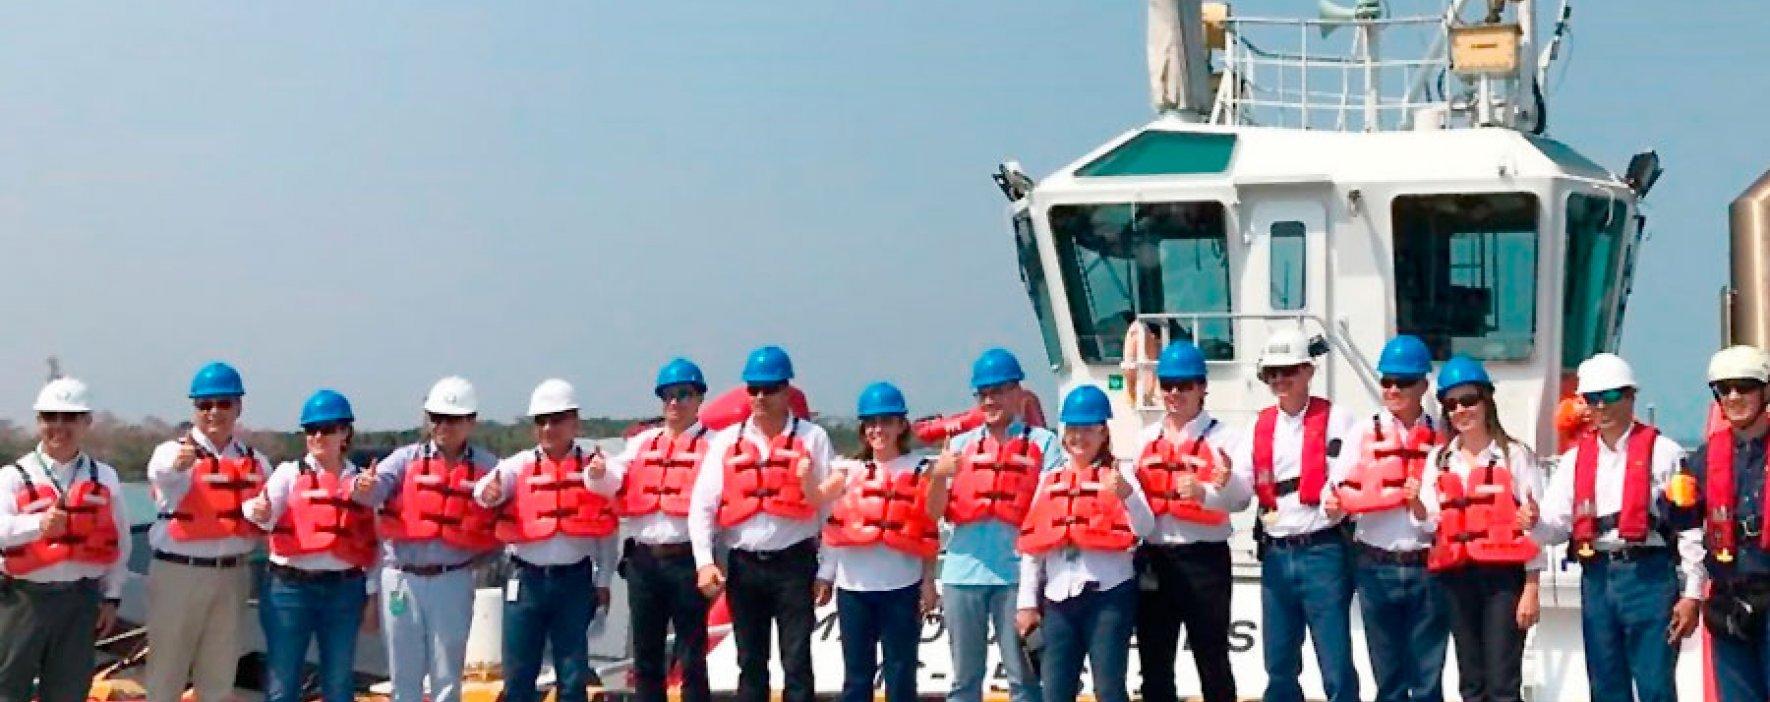 Municipios productores y portuarios recibirán $10.000 millones como Incentivo a la Producción